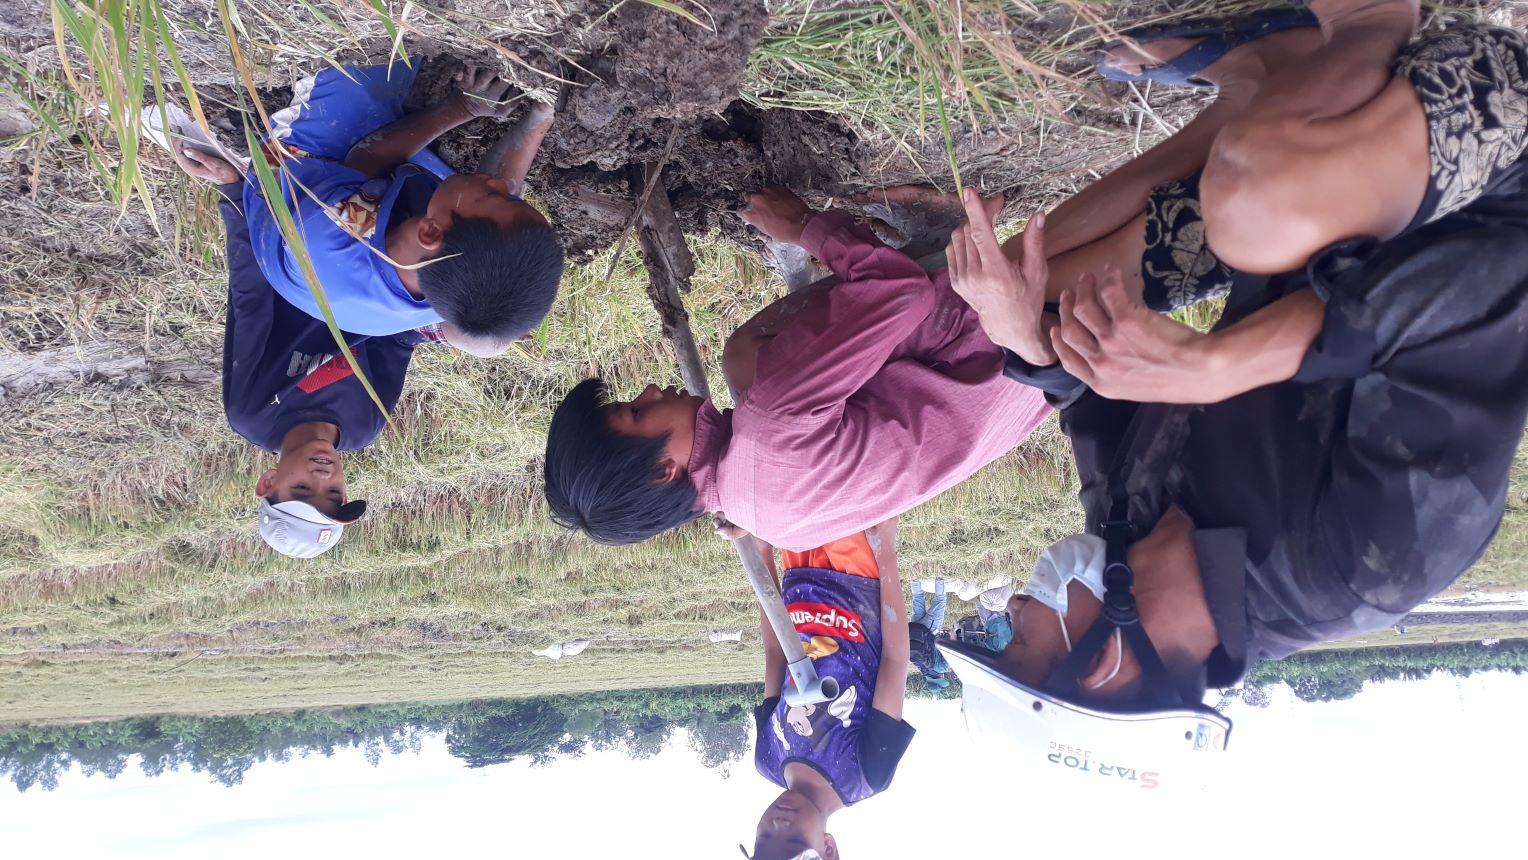 Trẻ em vùng nông thôn của TP. Cần Thơ bắt chuột trên những cánh đống đang vào vụ thu hoạch lúa Thu Đông